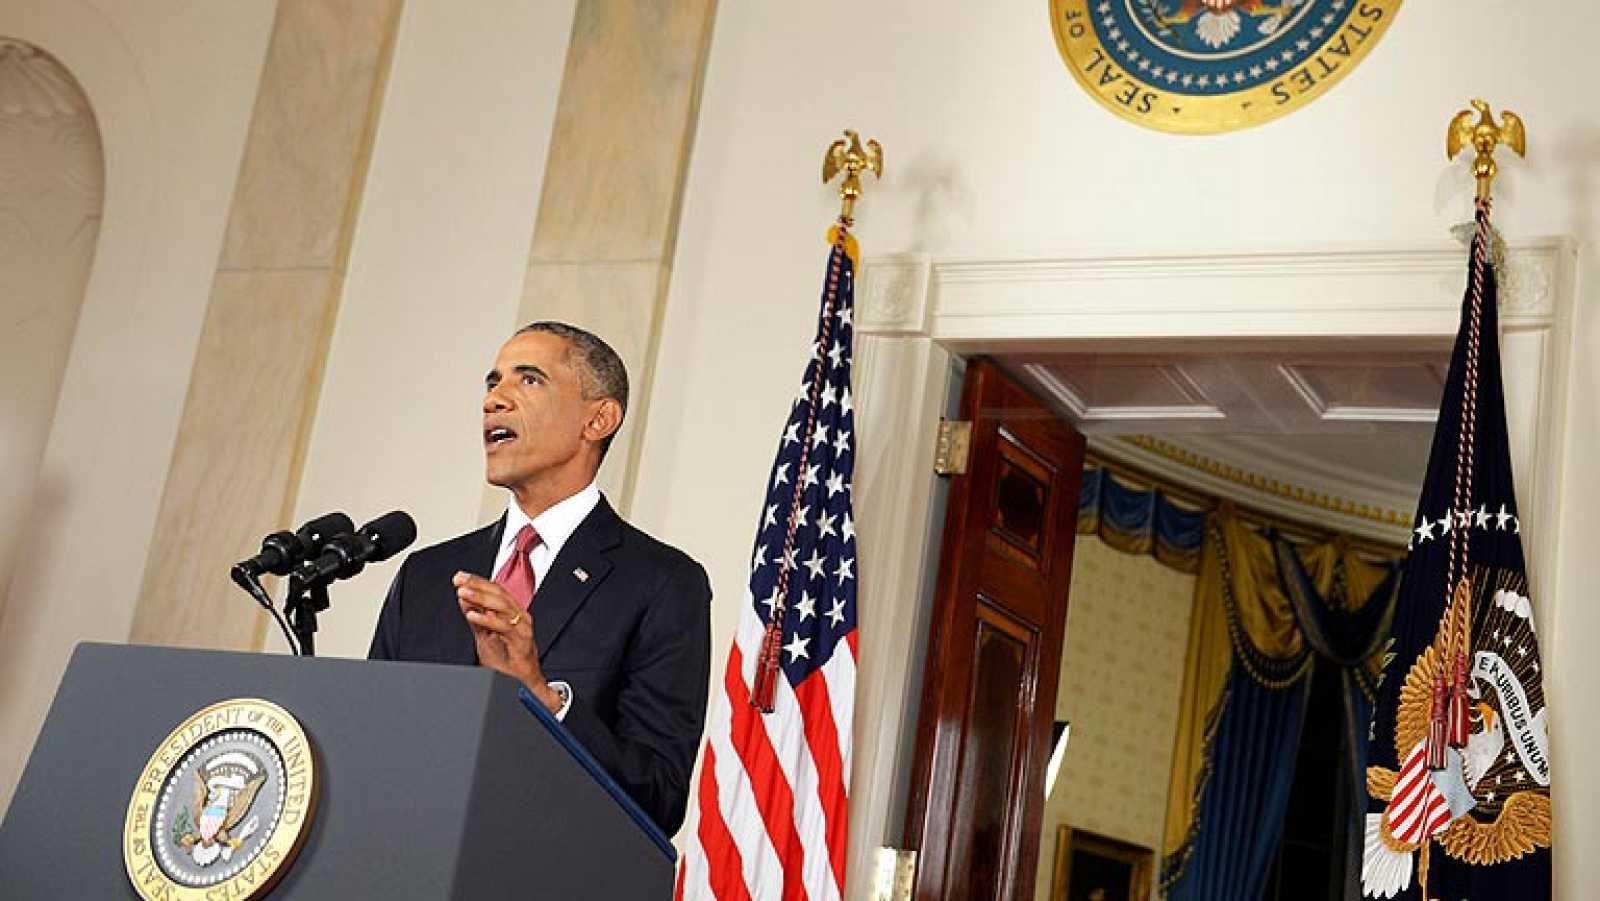 La estrategia de Obama contra el EI incluye bombardeos aéreos en Irak y armar a la oposición siria